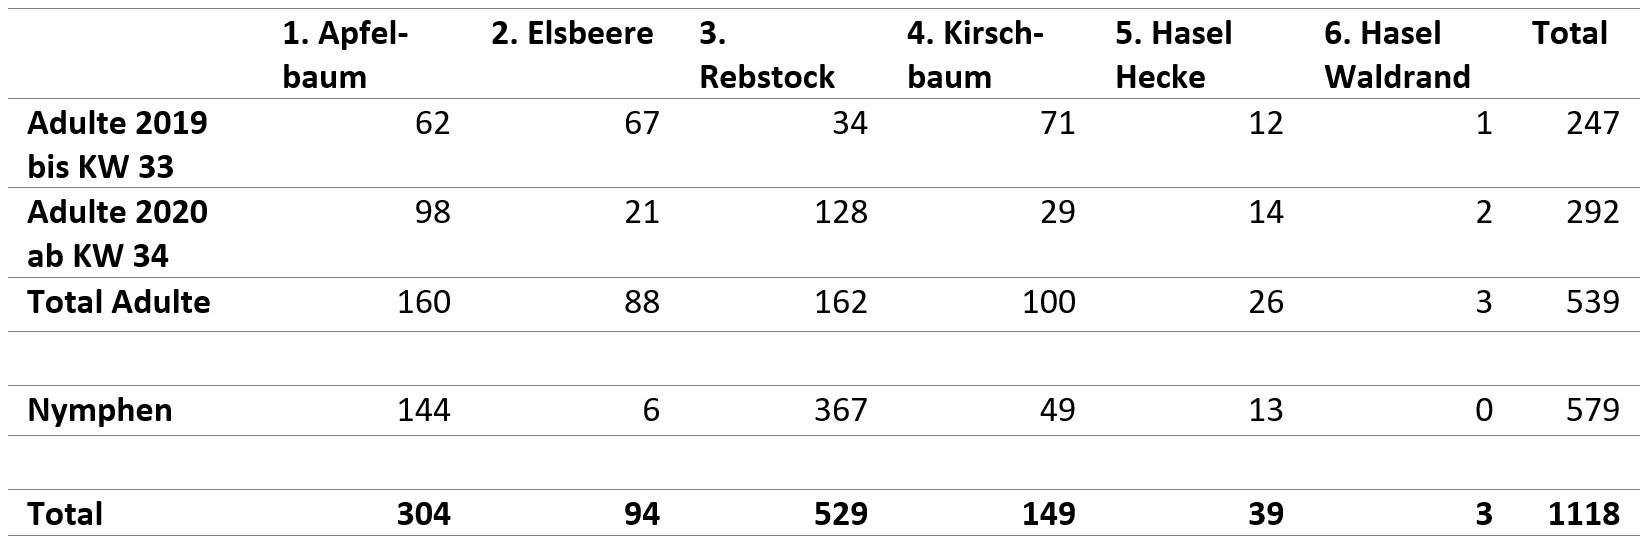 Tabelle Marmorierte Baumwanze Totale Fangzahlen der Standorte